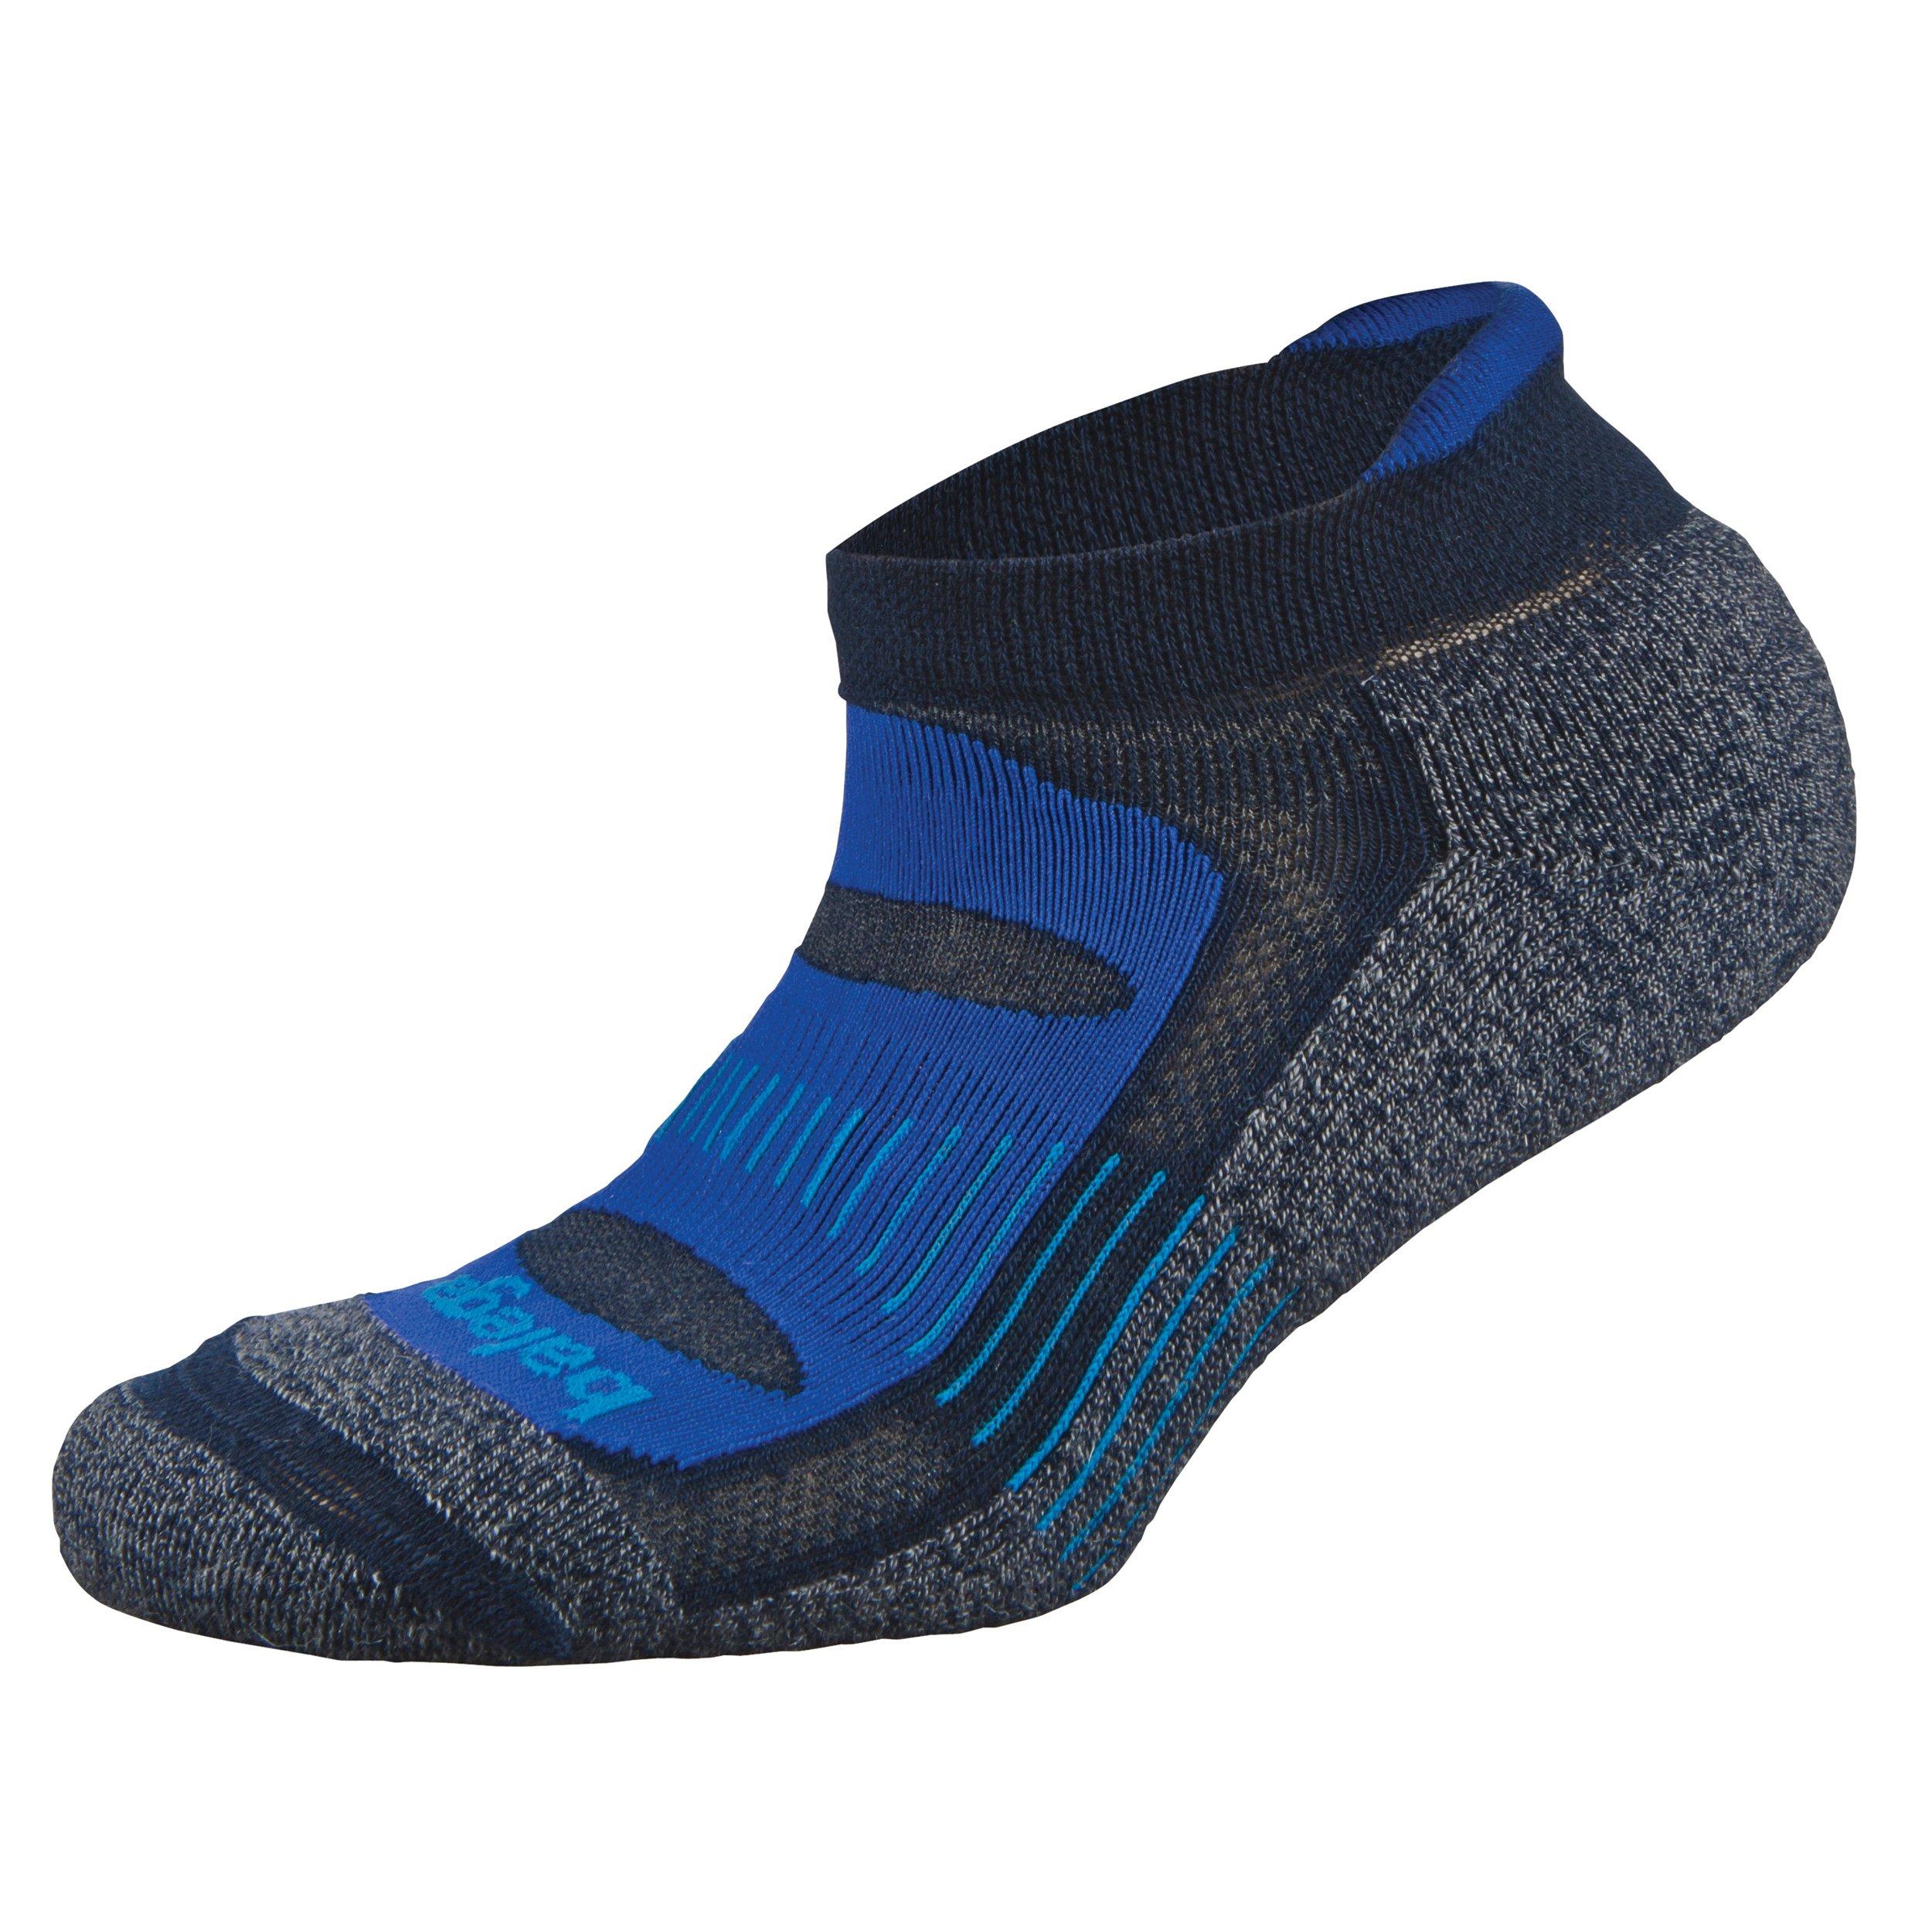 Balega Blister Resist No Show Running Socks For Men and Women (1 Pair), Navy, Small by Balega